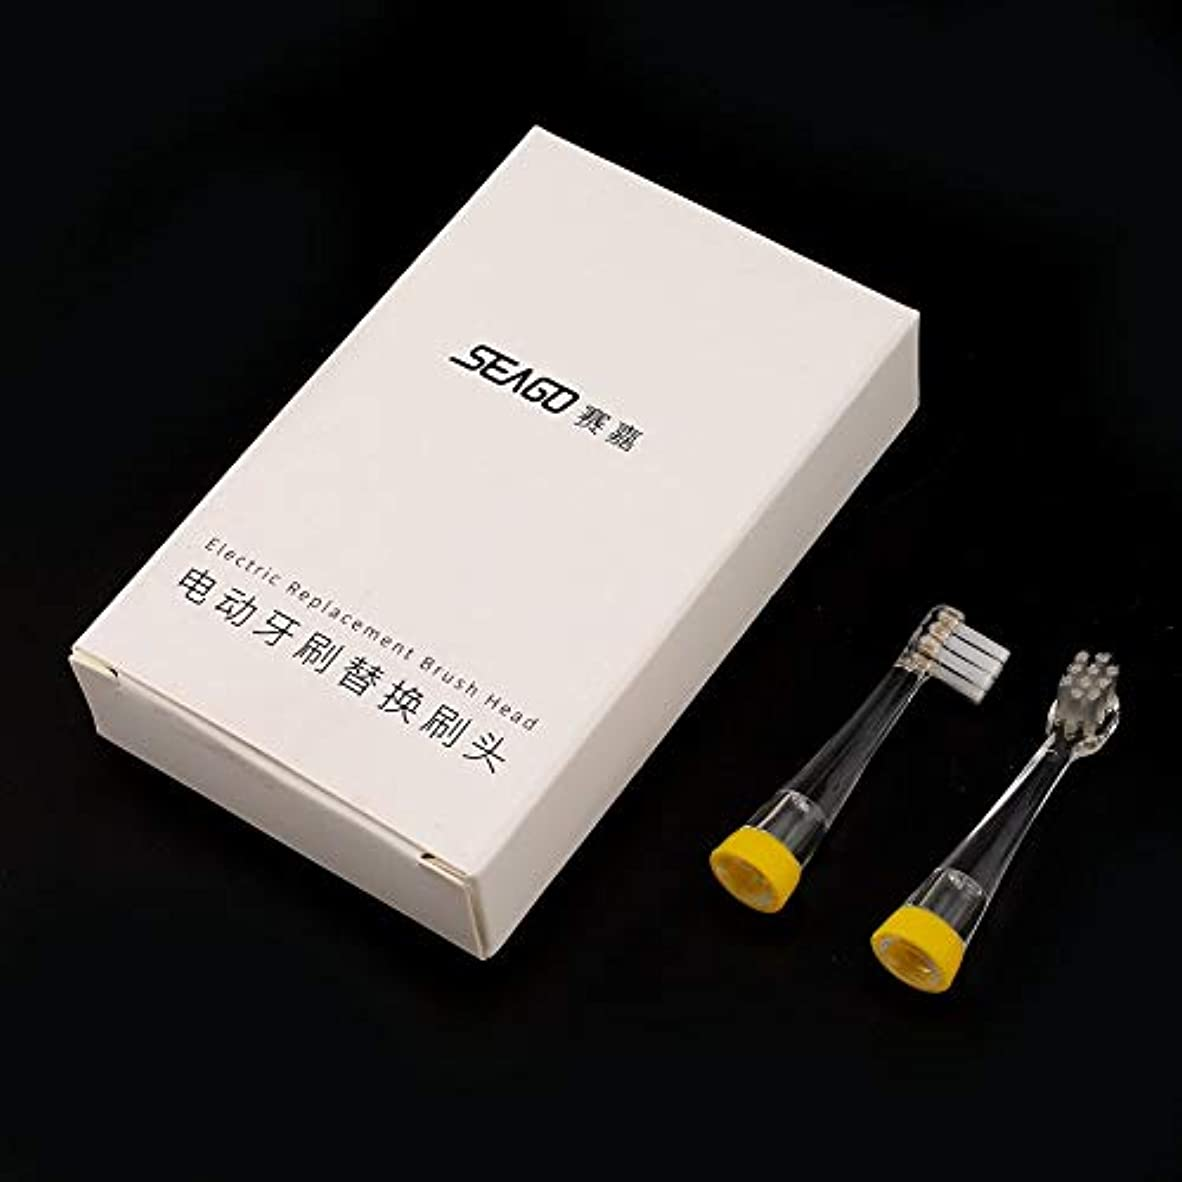 古風なずらすエキスパート2ピースポータブル電気交換ブラシヘッドシーゴSG-811子供電動歯ブラシソフトデュポンナイロン剛毛(Color:white & yellow)